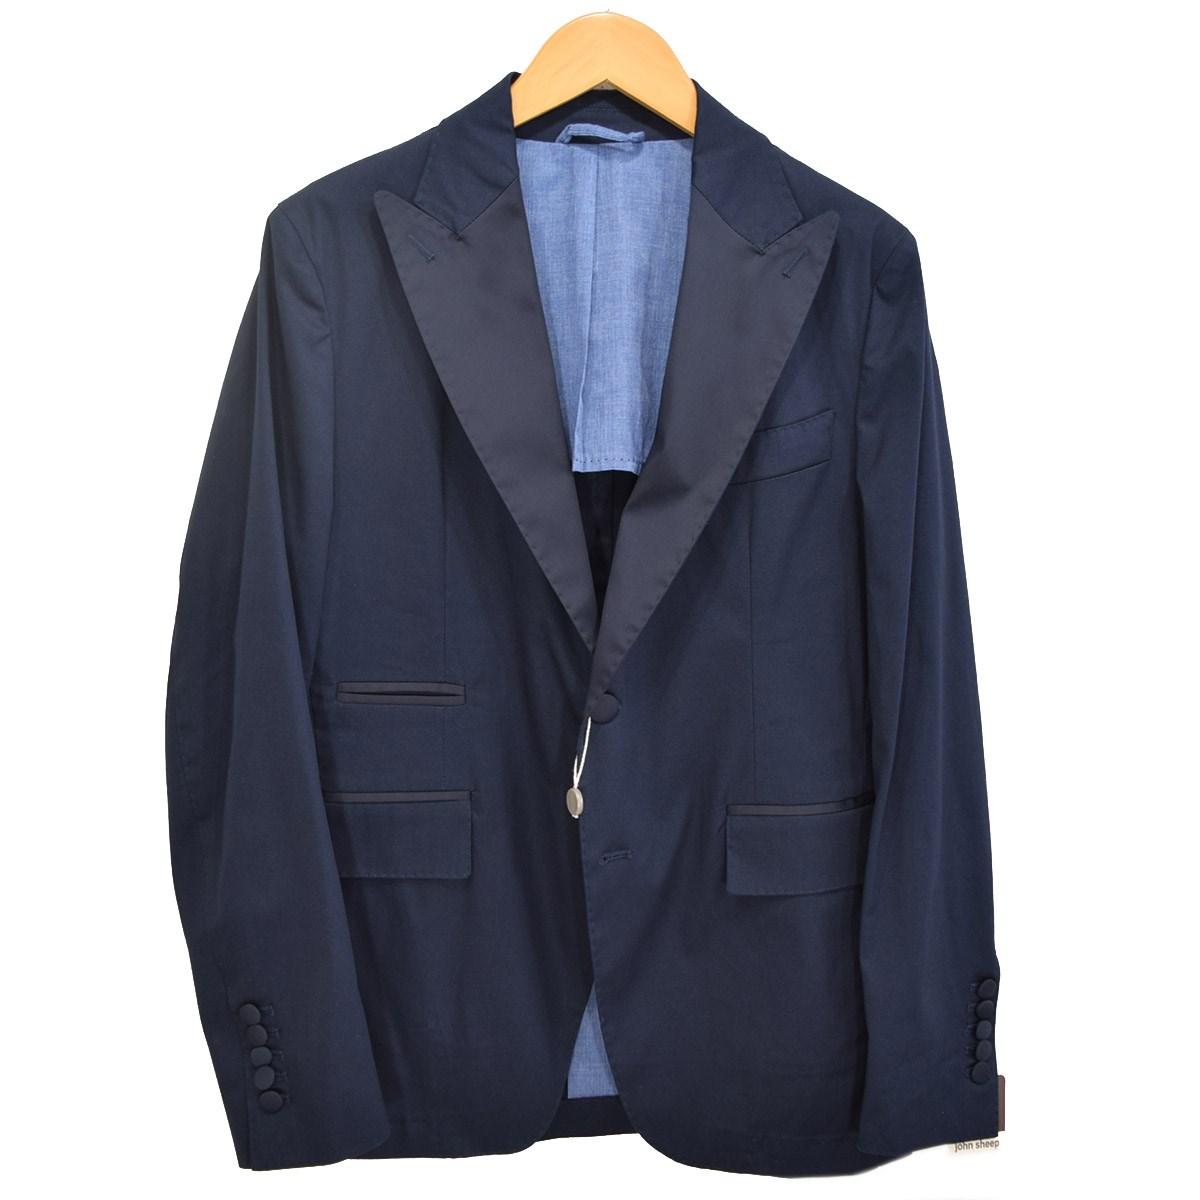 【中古】JOHN SHEEP コットンストレッチ2Bジャケット ネイビー サイズ:46 【080720】(ジョンシープ)